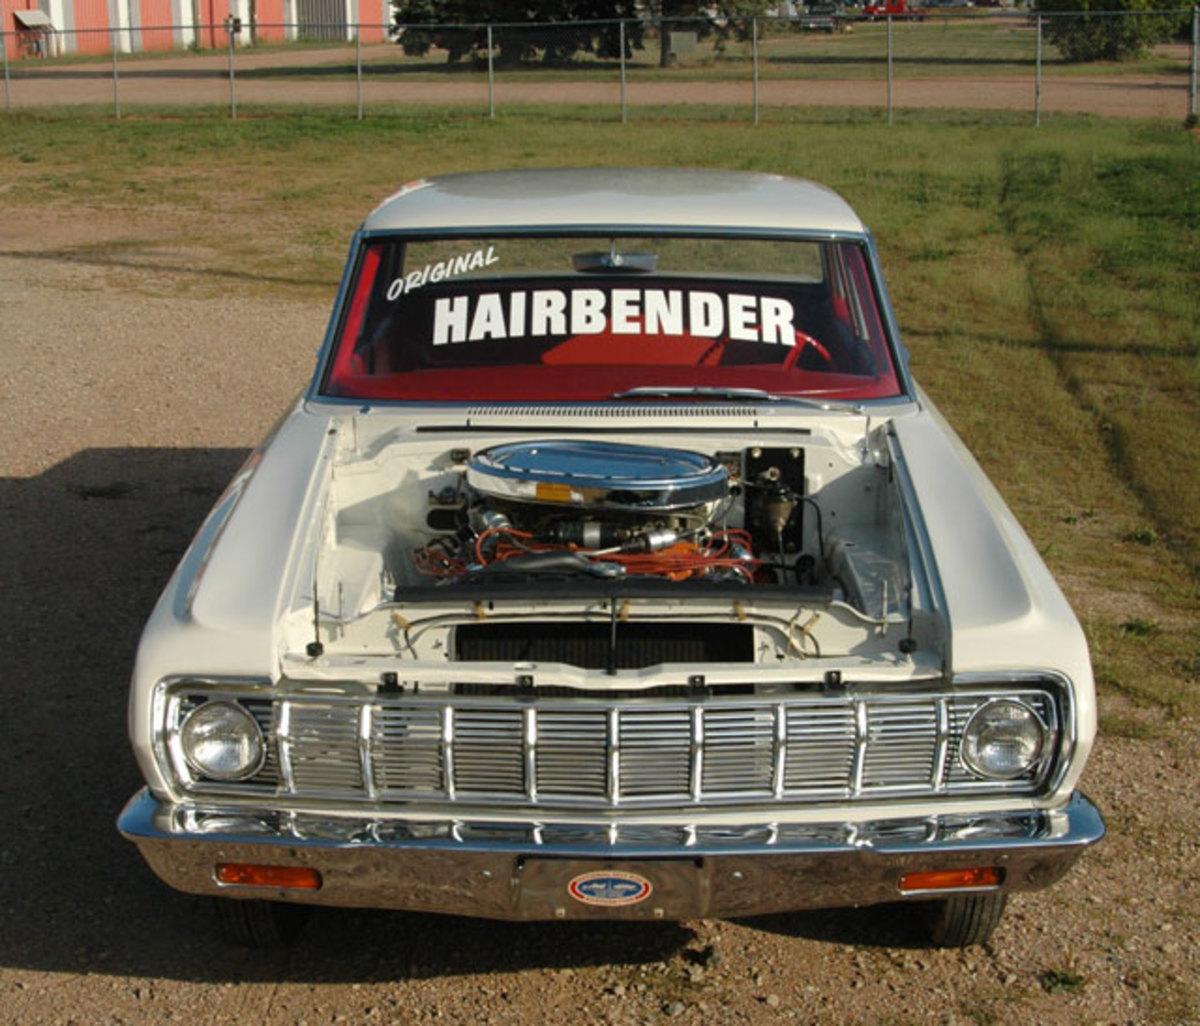 Hairbender-fry